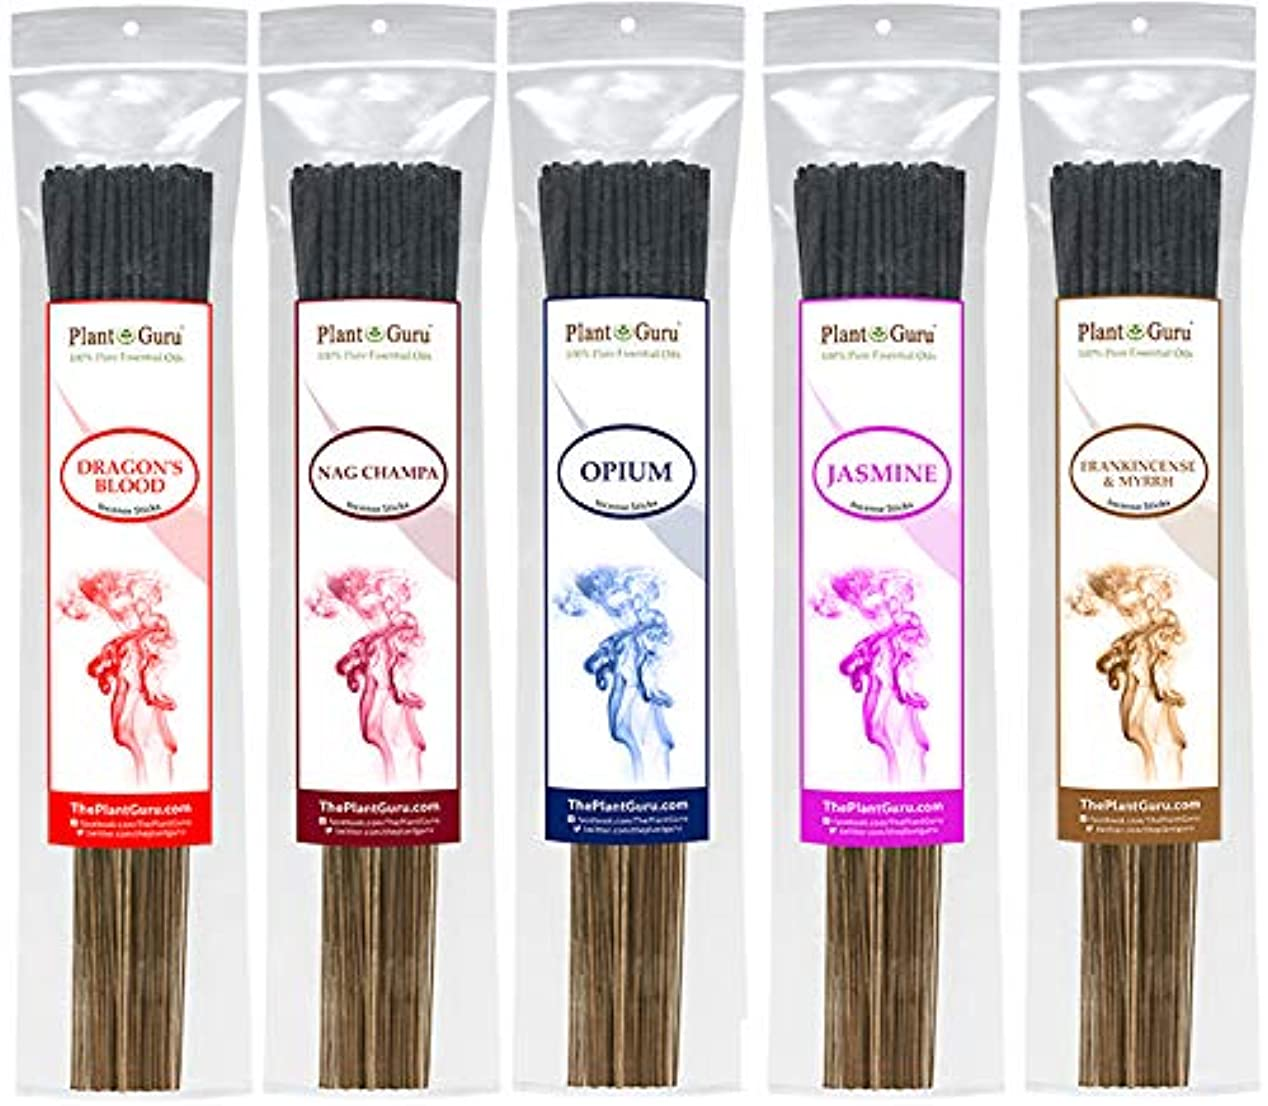 事実主人ゆるいIncenseサンプラーセットエキゾチックIncense Sticks 925グラムスティック数合計425 to 500 Sticksプレミアム品質Smooth Clean Burn各スティックは10.5インチ長Burn...